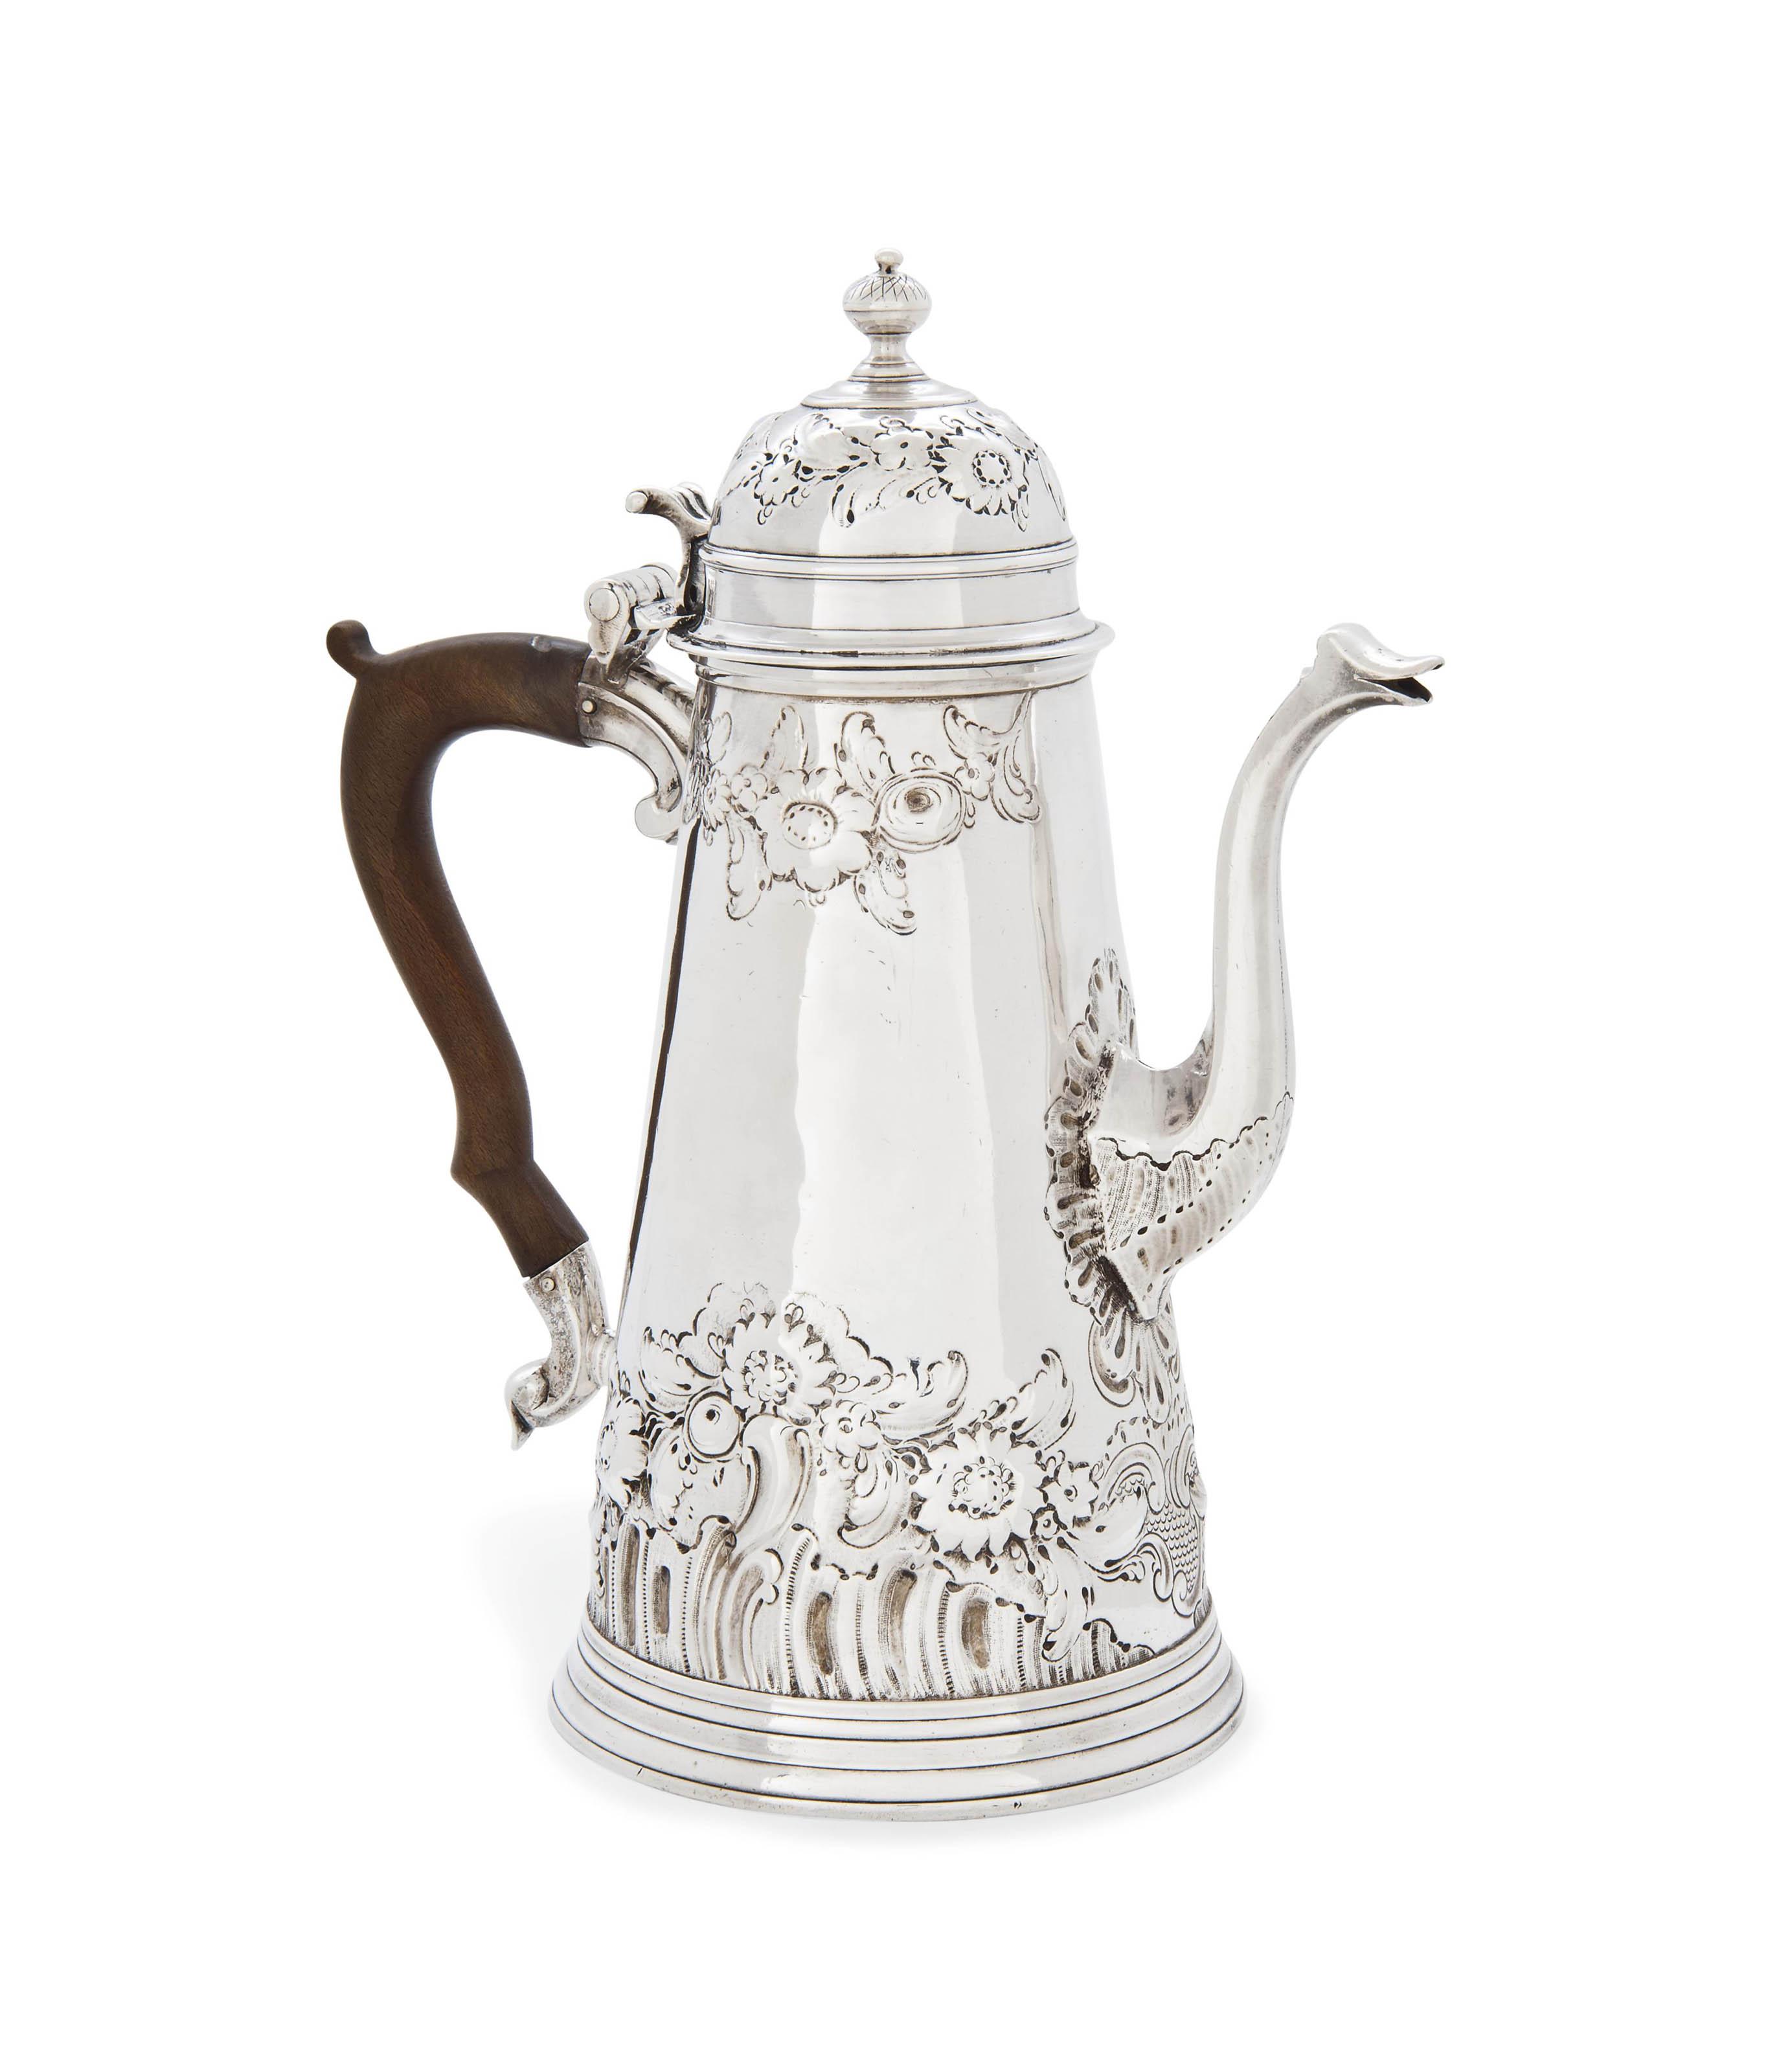 A QUEEN ANNE SILVER COFFEE POT